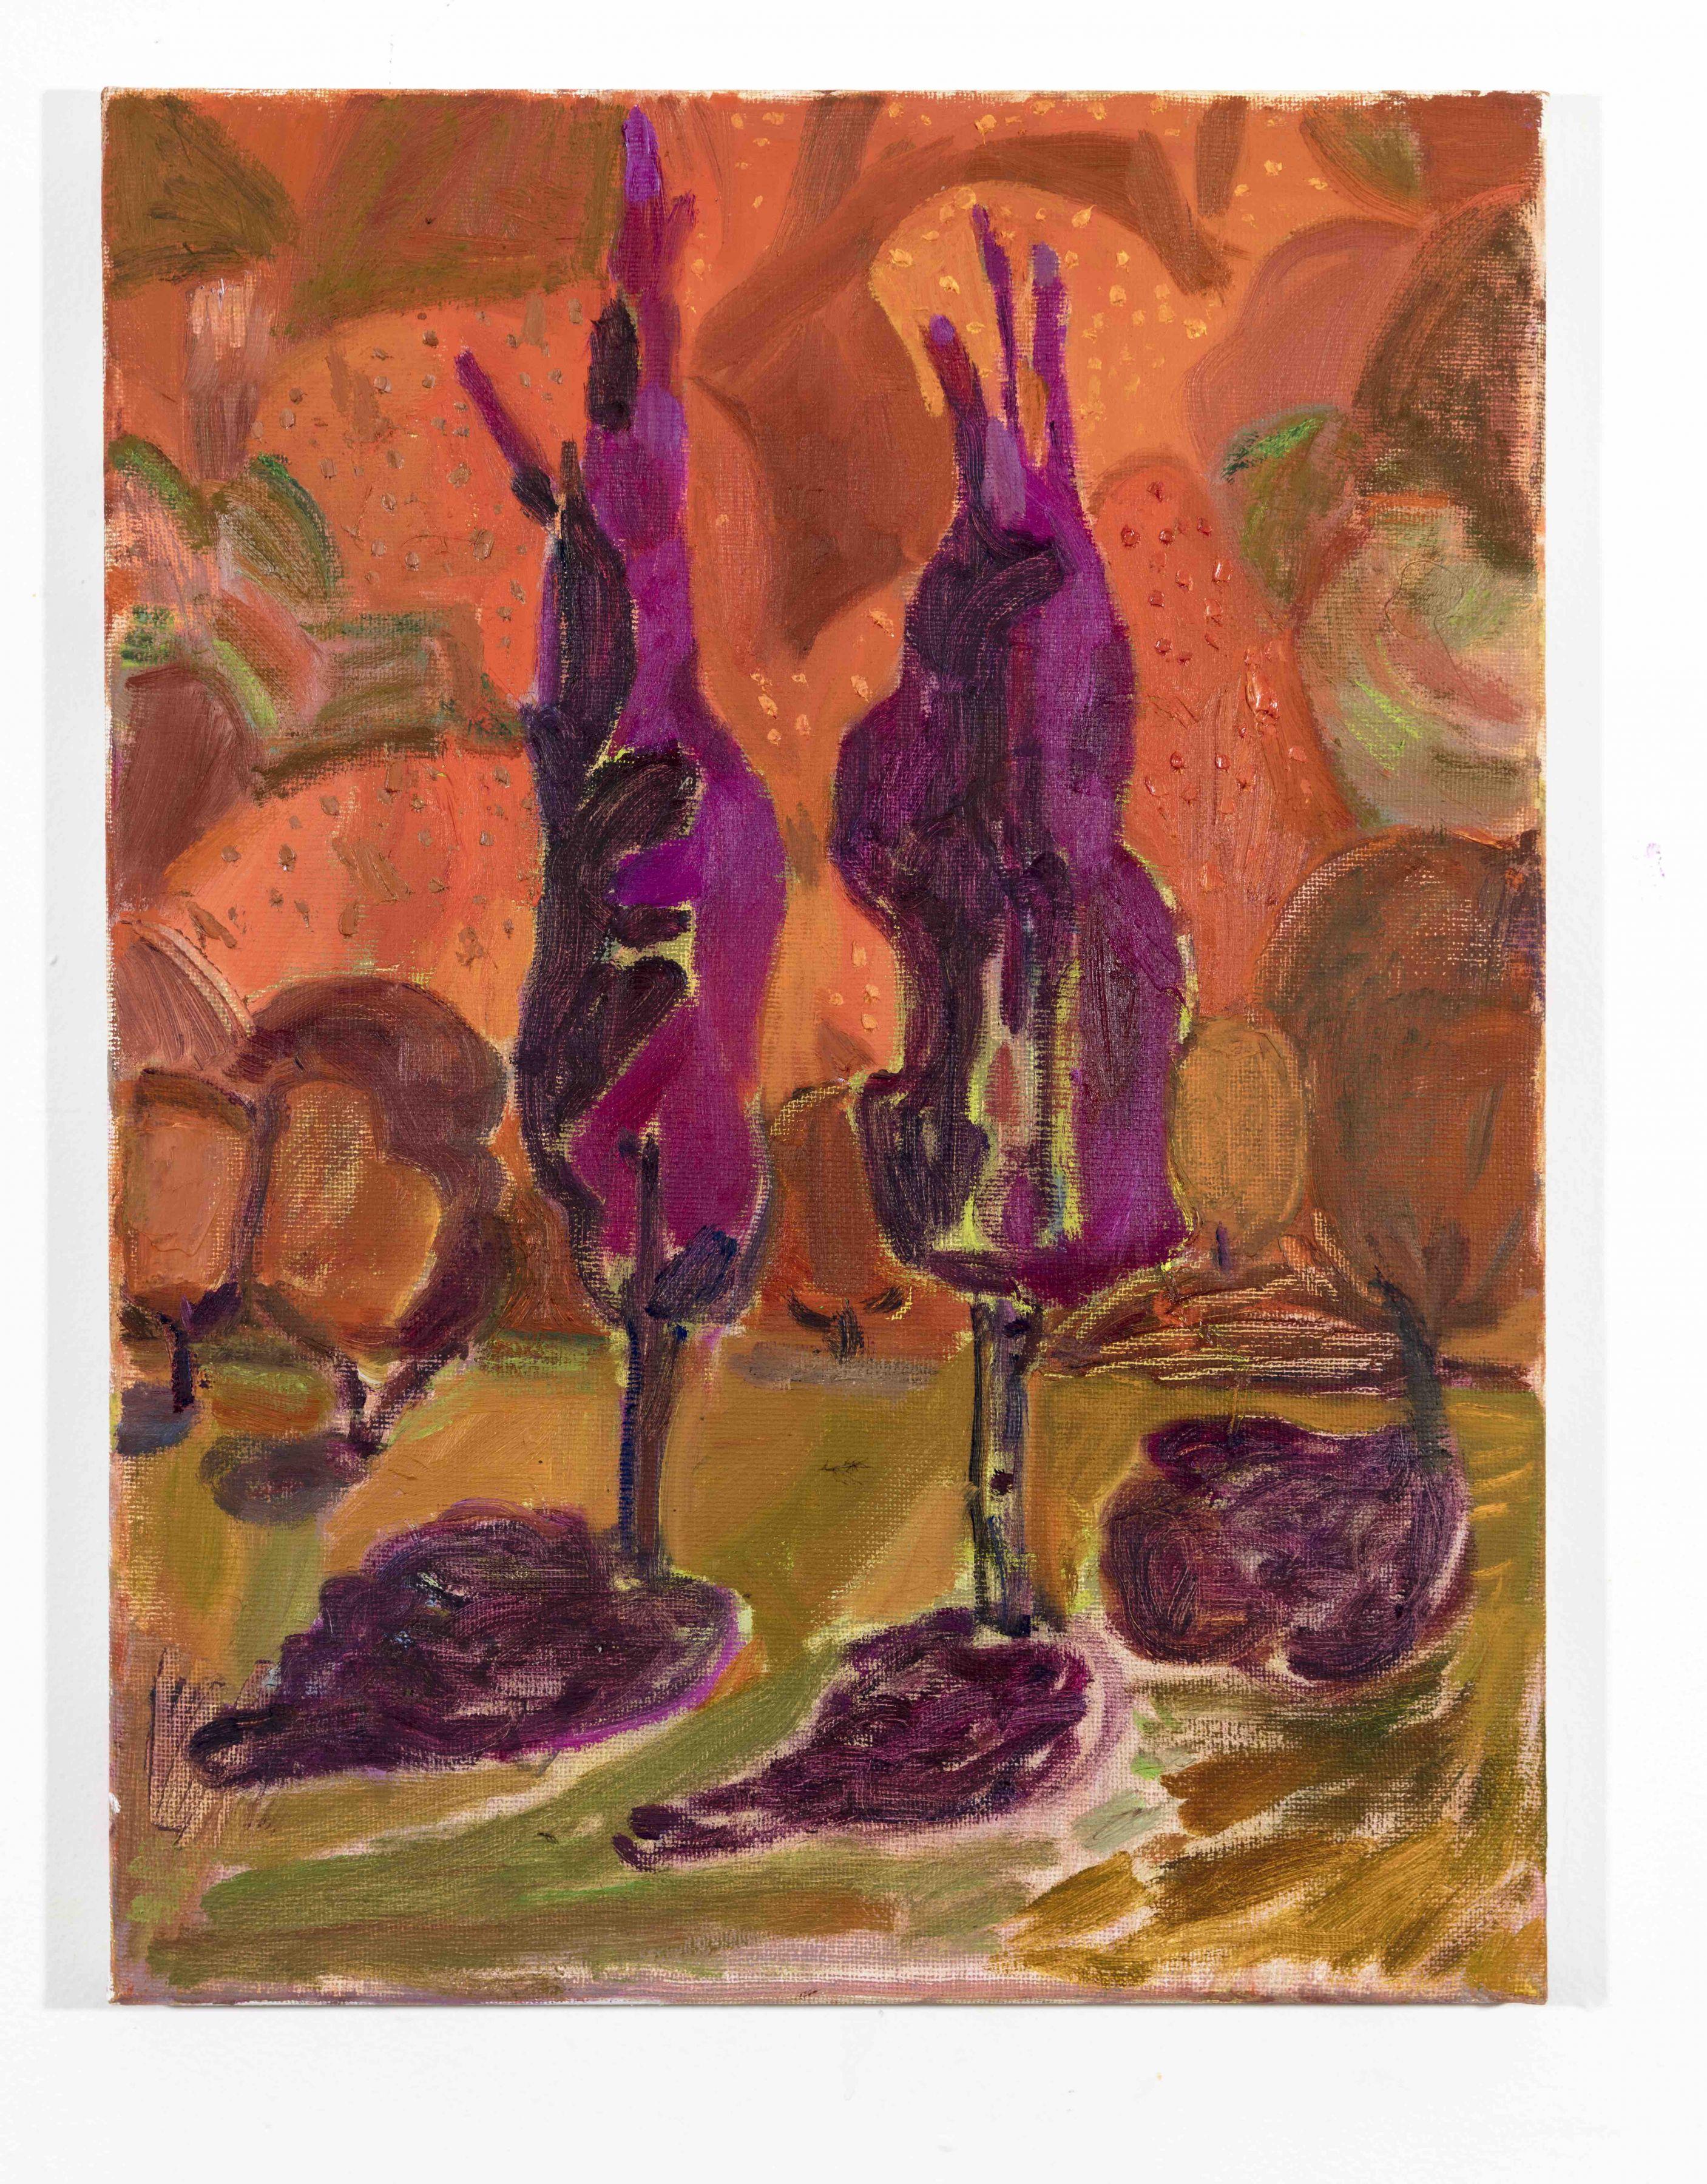 LISA SANDITZ, Landscape Color Study 13, 2019